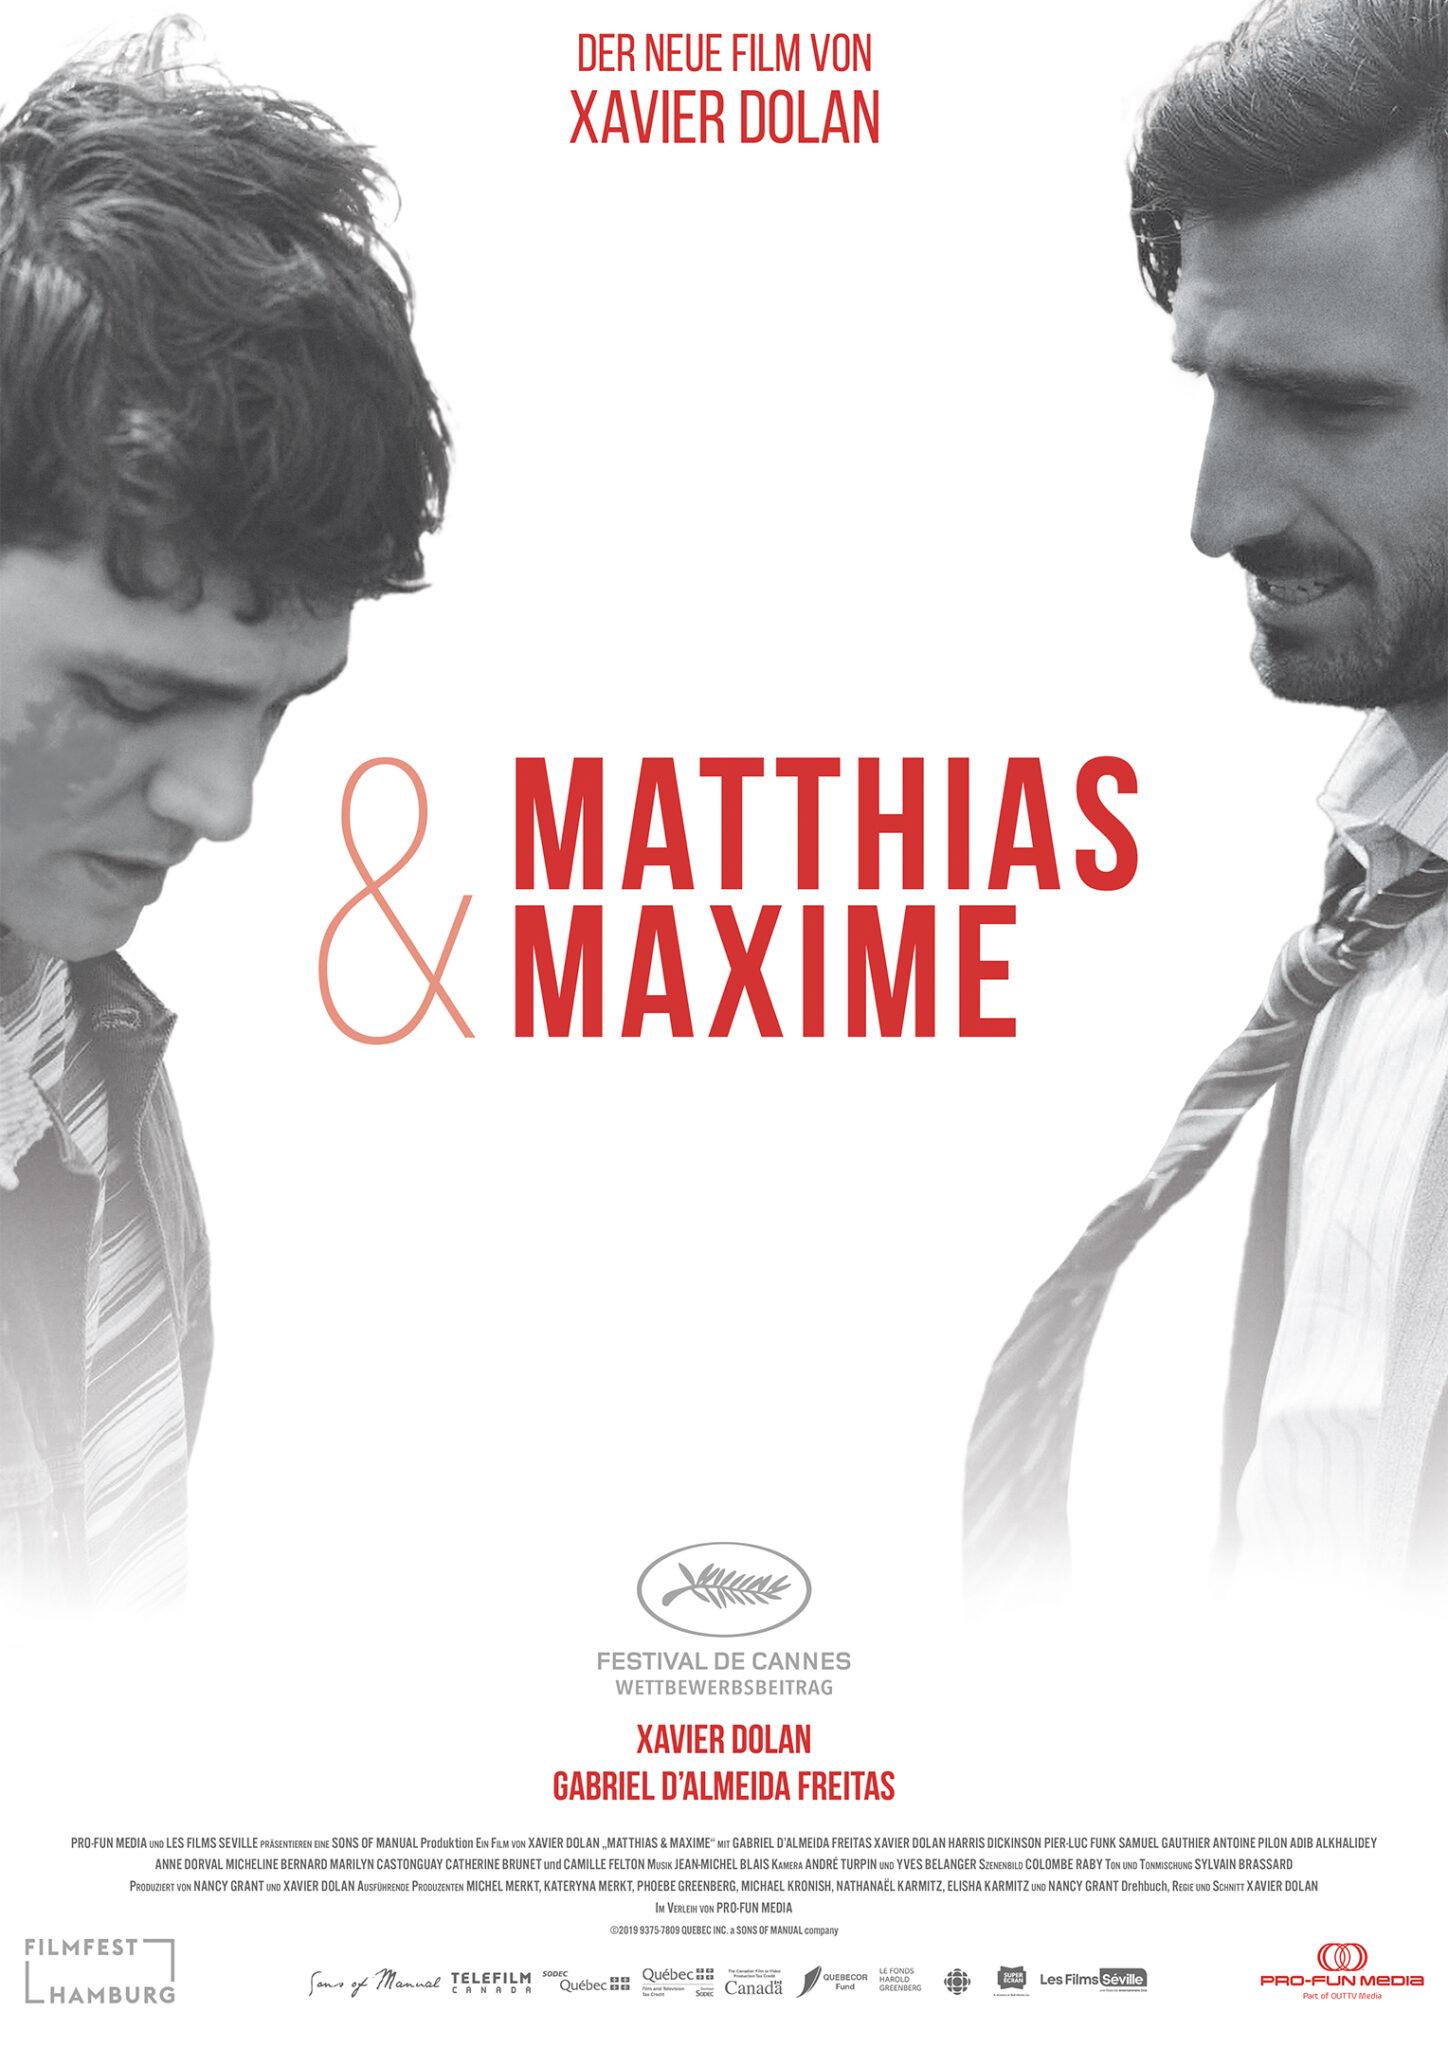 Das Poster zu Matthias & Maxime zeigt den Titel in roter Schrift auf einem Schwarz-Weiß-Bild der beiden Hauptcharaktere Matthias (Gabriel D'Almeida Freitas) und Maxime (Xavier Dolan).